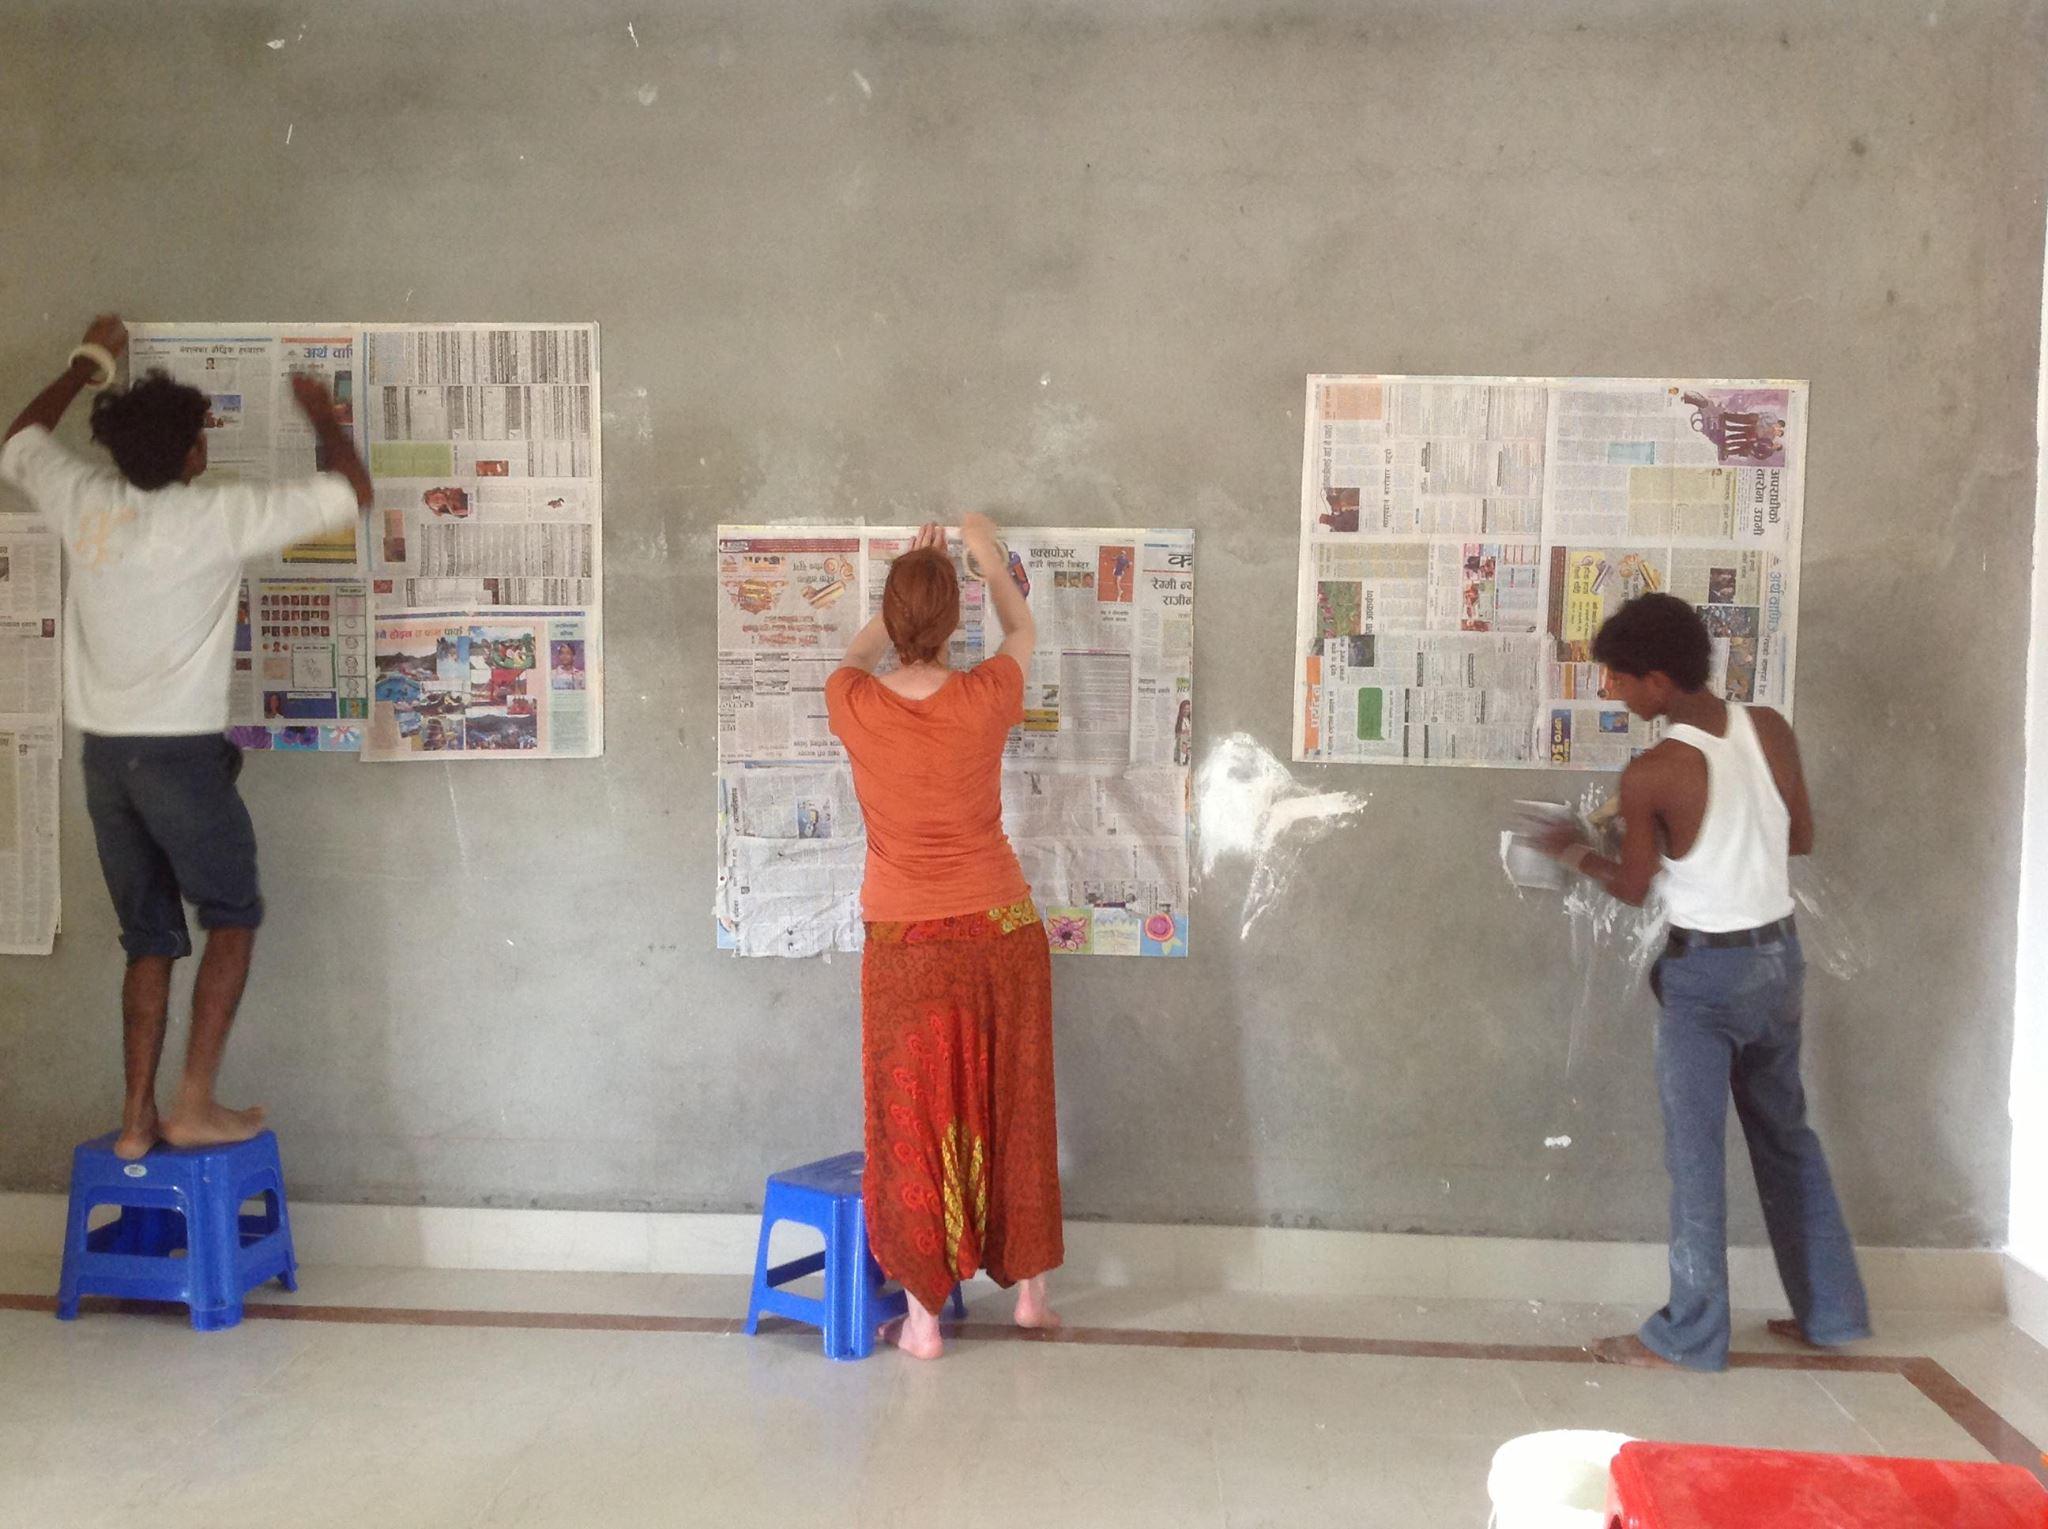 donna & guys paper over tiles.jpg